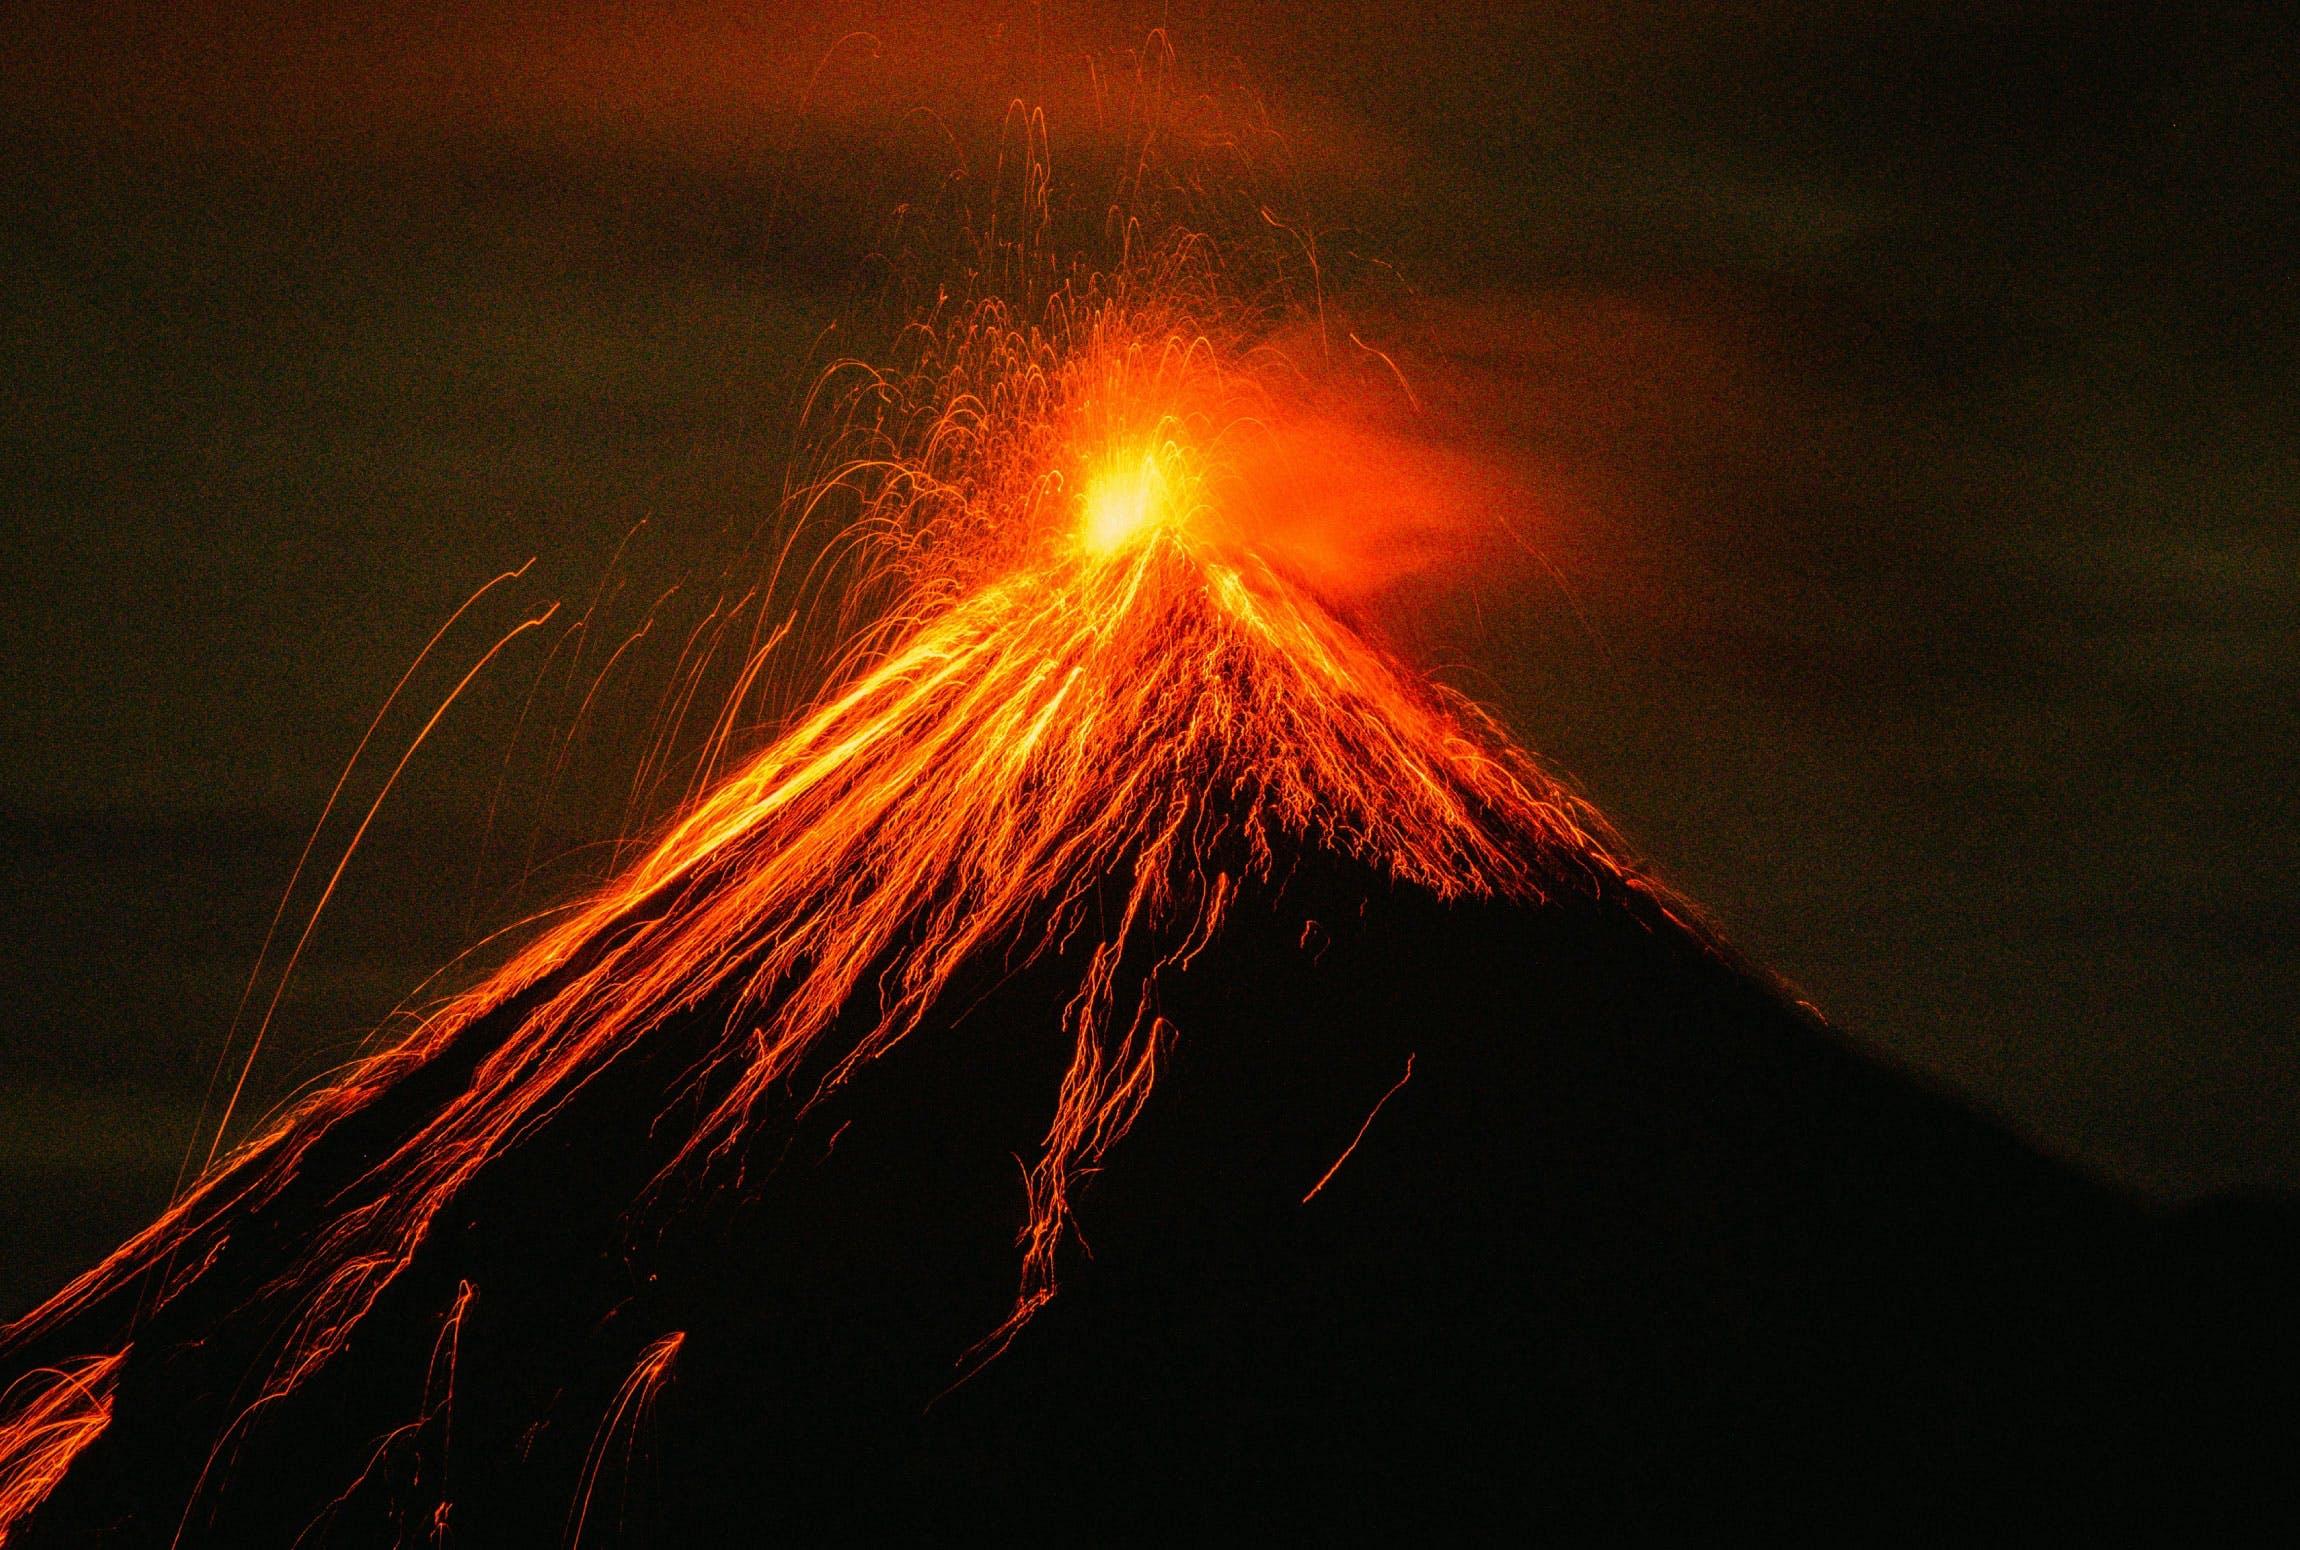 Vulkan i udbrud